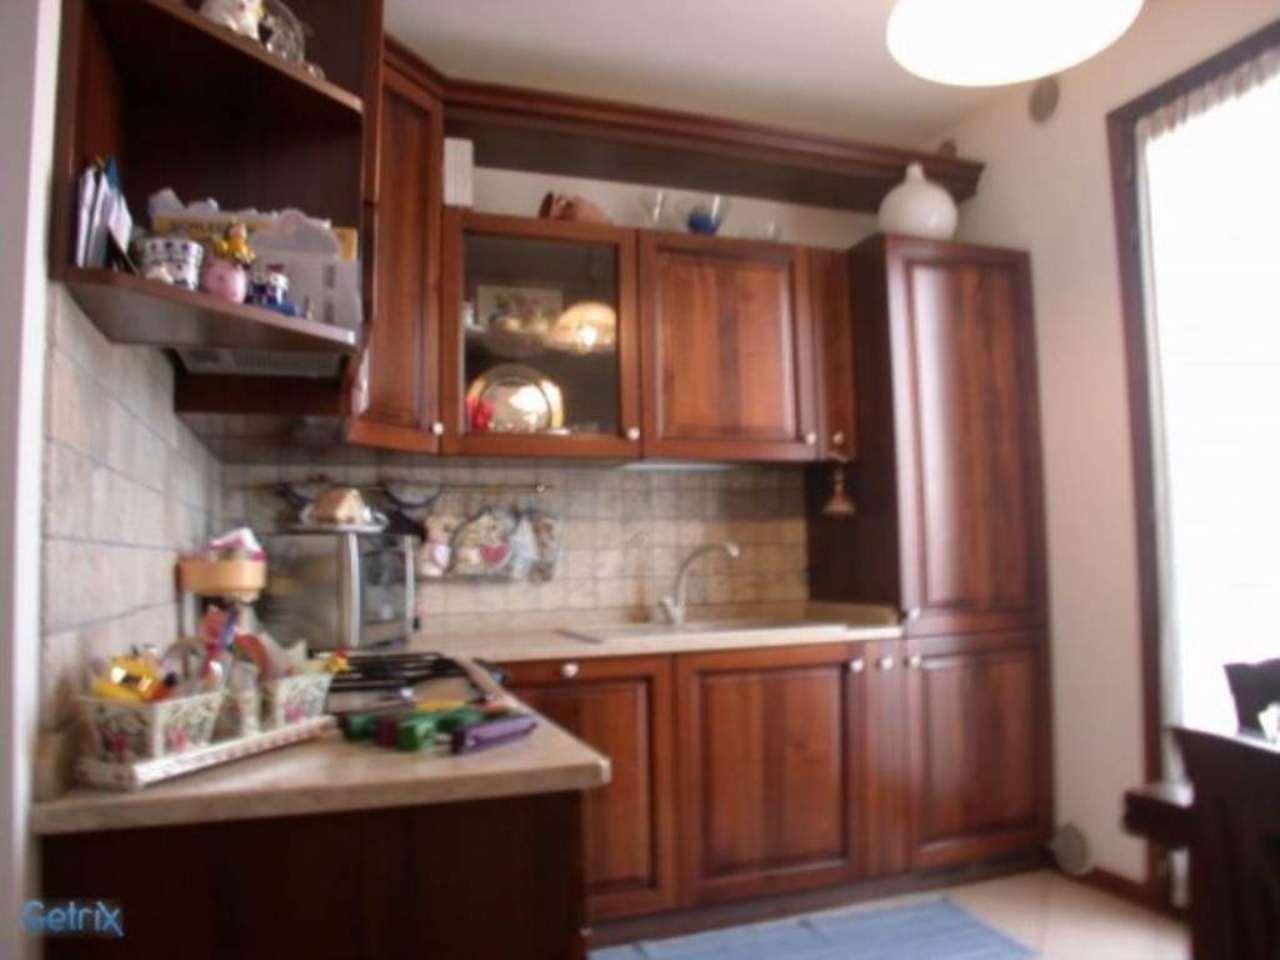 Appartamento in vendita a Monastier di Treviso, 4 locali, prezzo € 130.000 | Cambio Casa.it